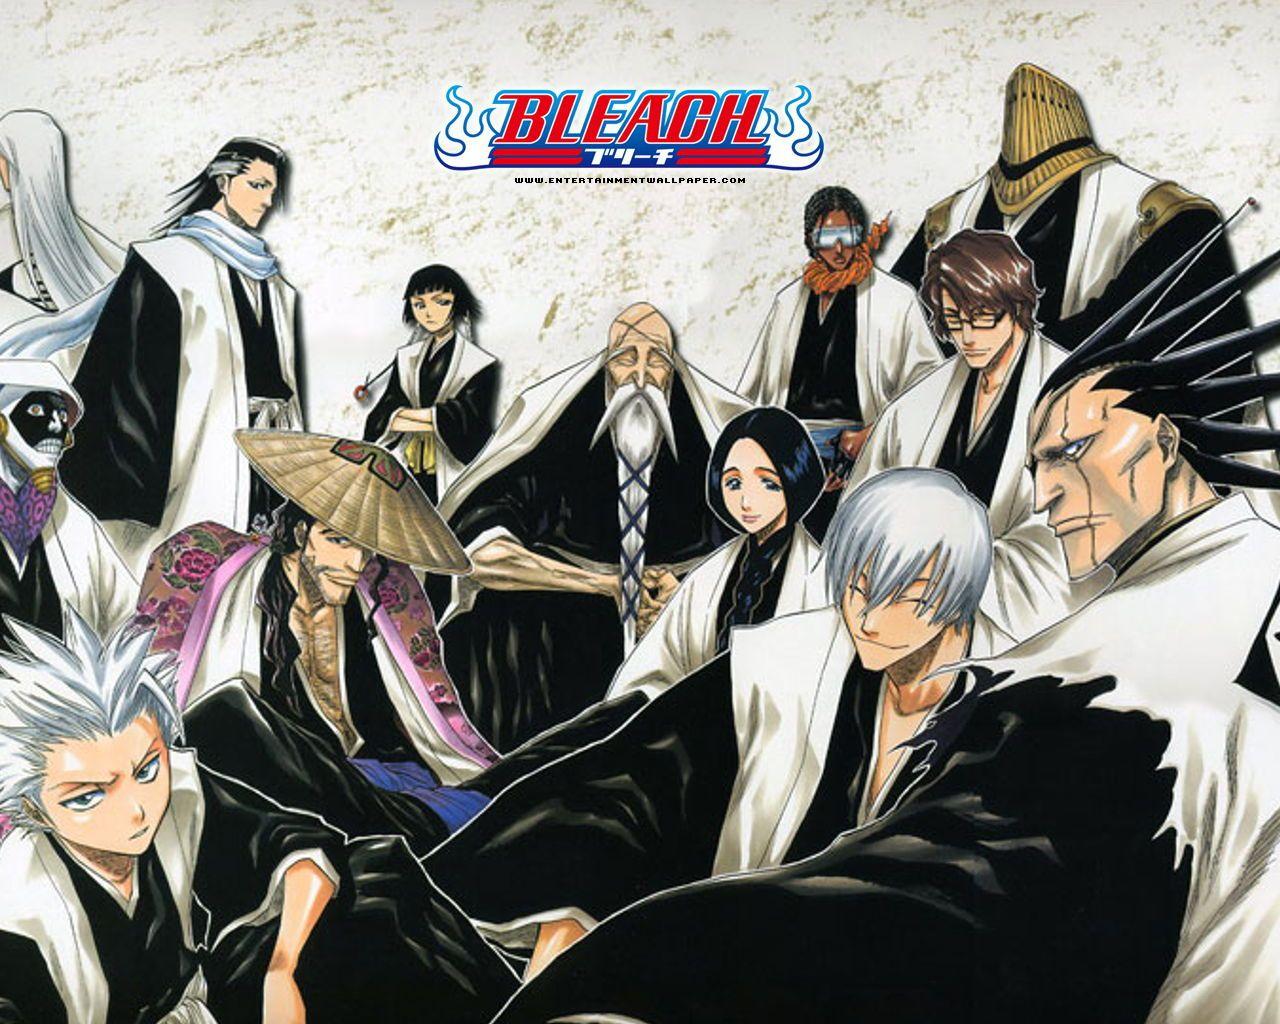 Bleach Wallpaper Bleach anime